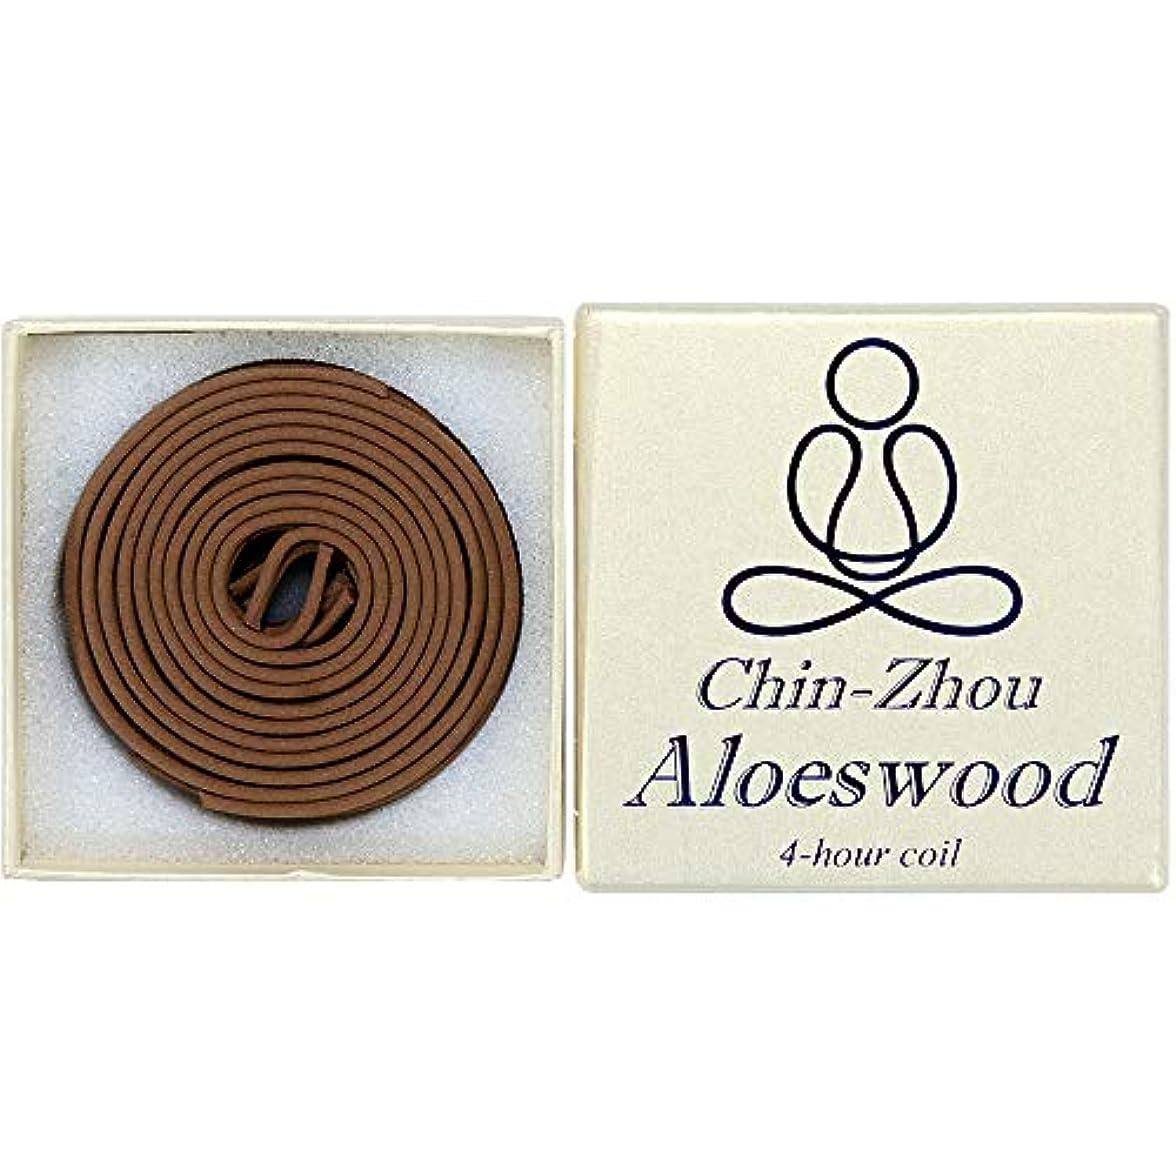 非公式保存神経障害12ピース4-hour chin-zhou Aloeswoodコイル – 100 % Natural – f023t